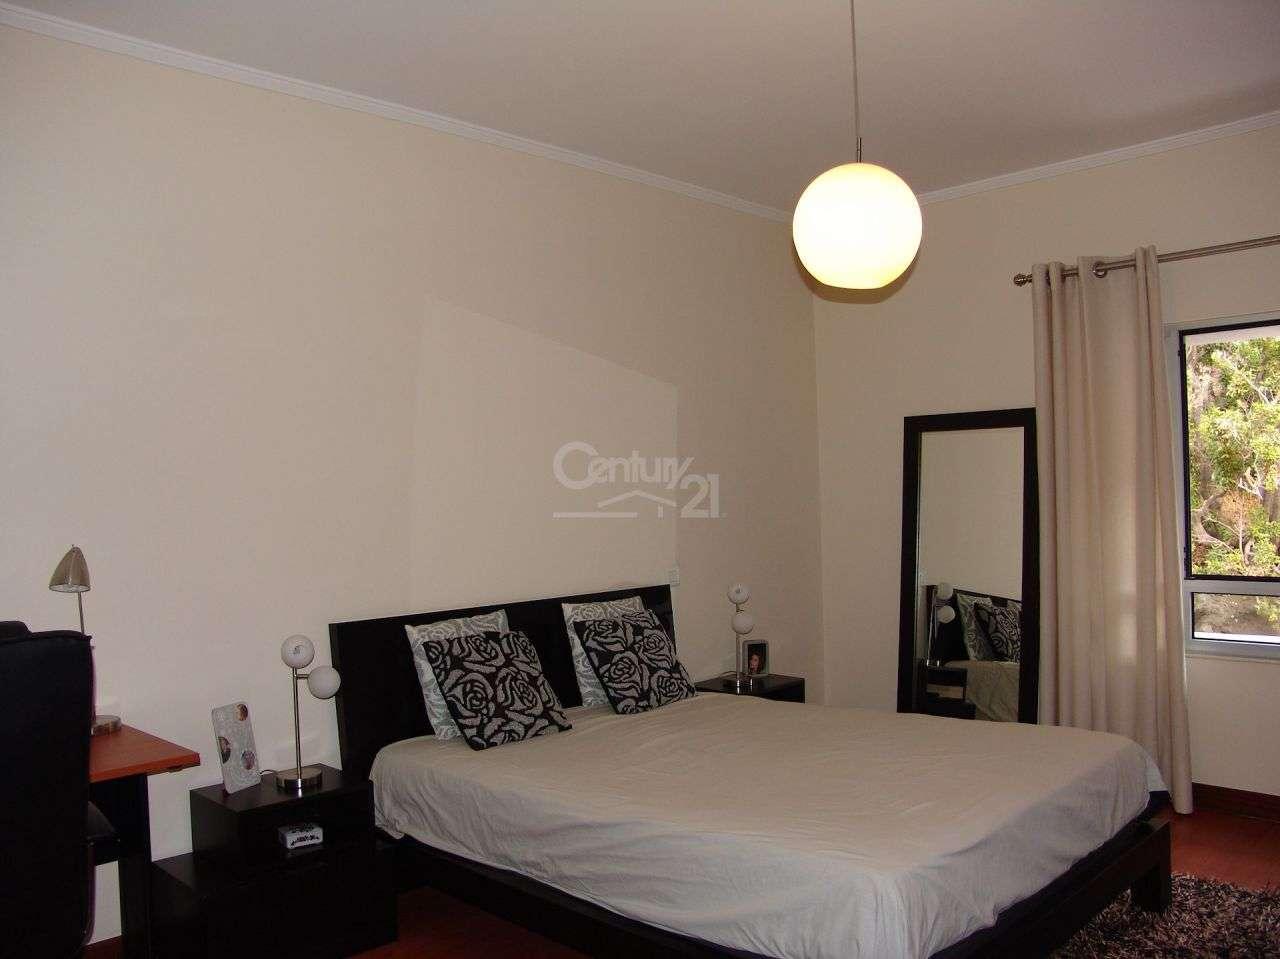 Apartamento para comprar, Ribeira Brava, Ilha da Madeira - Foto 7